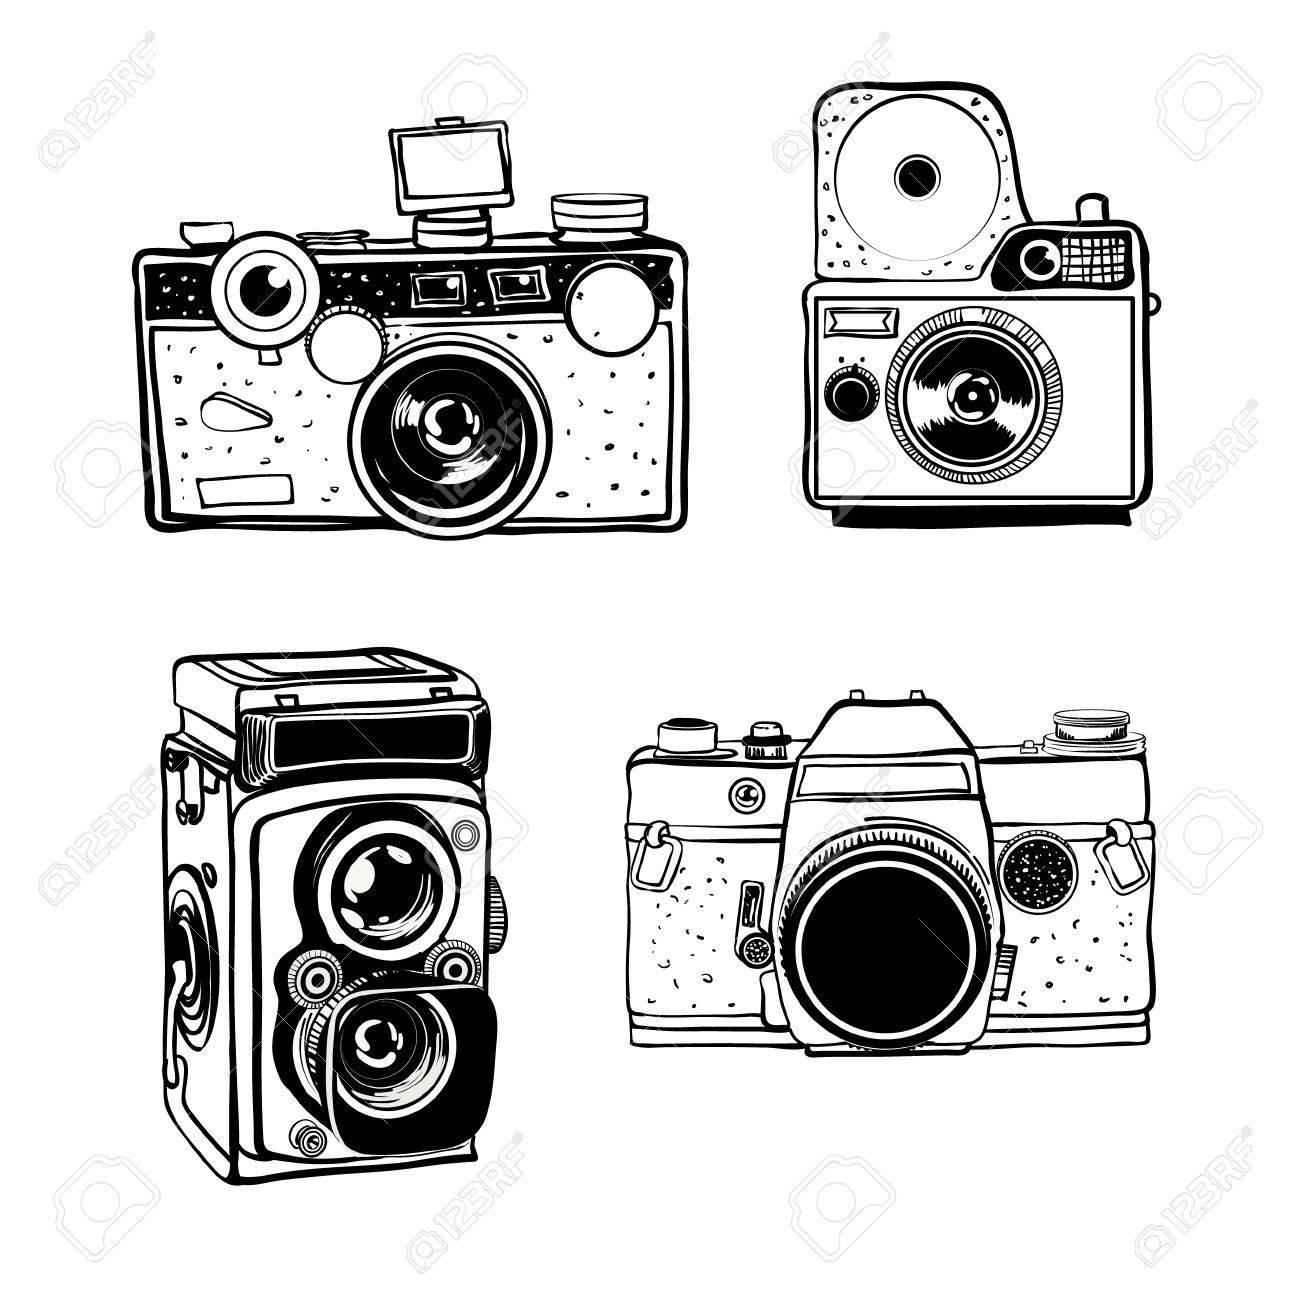 レトロな写真カメラ セット ベクトル落書き白黒イラストのイラスト素材